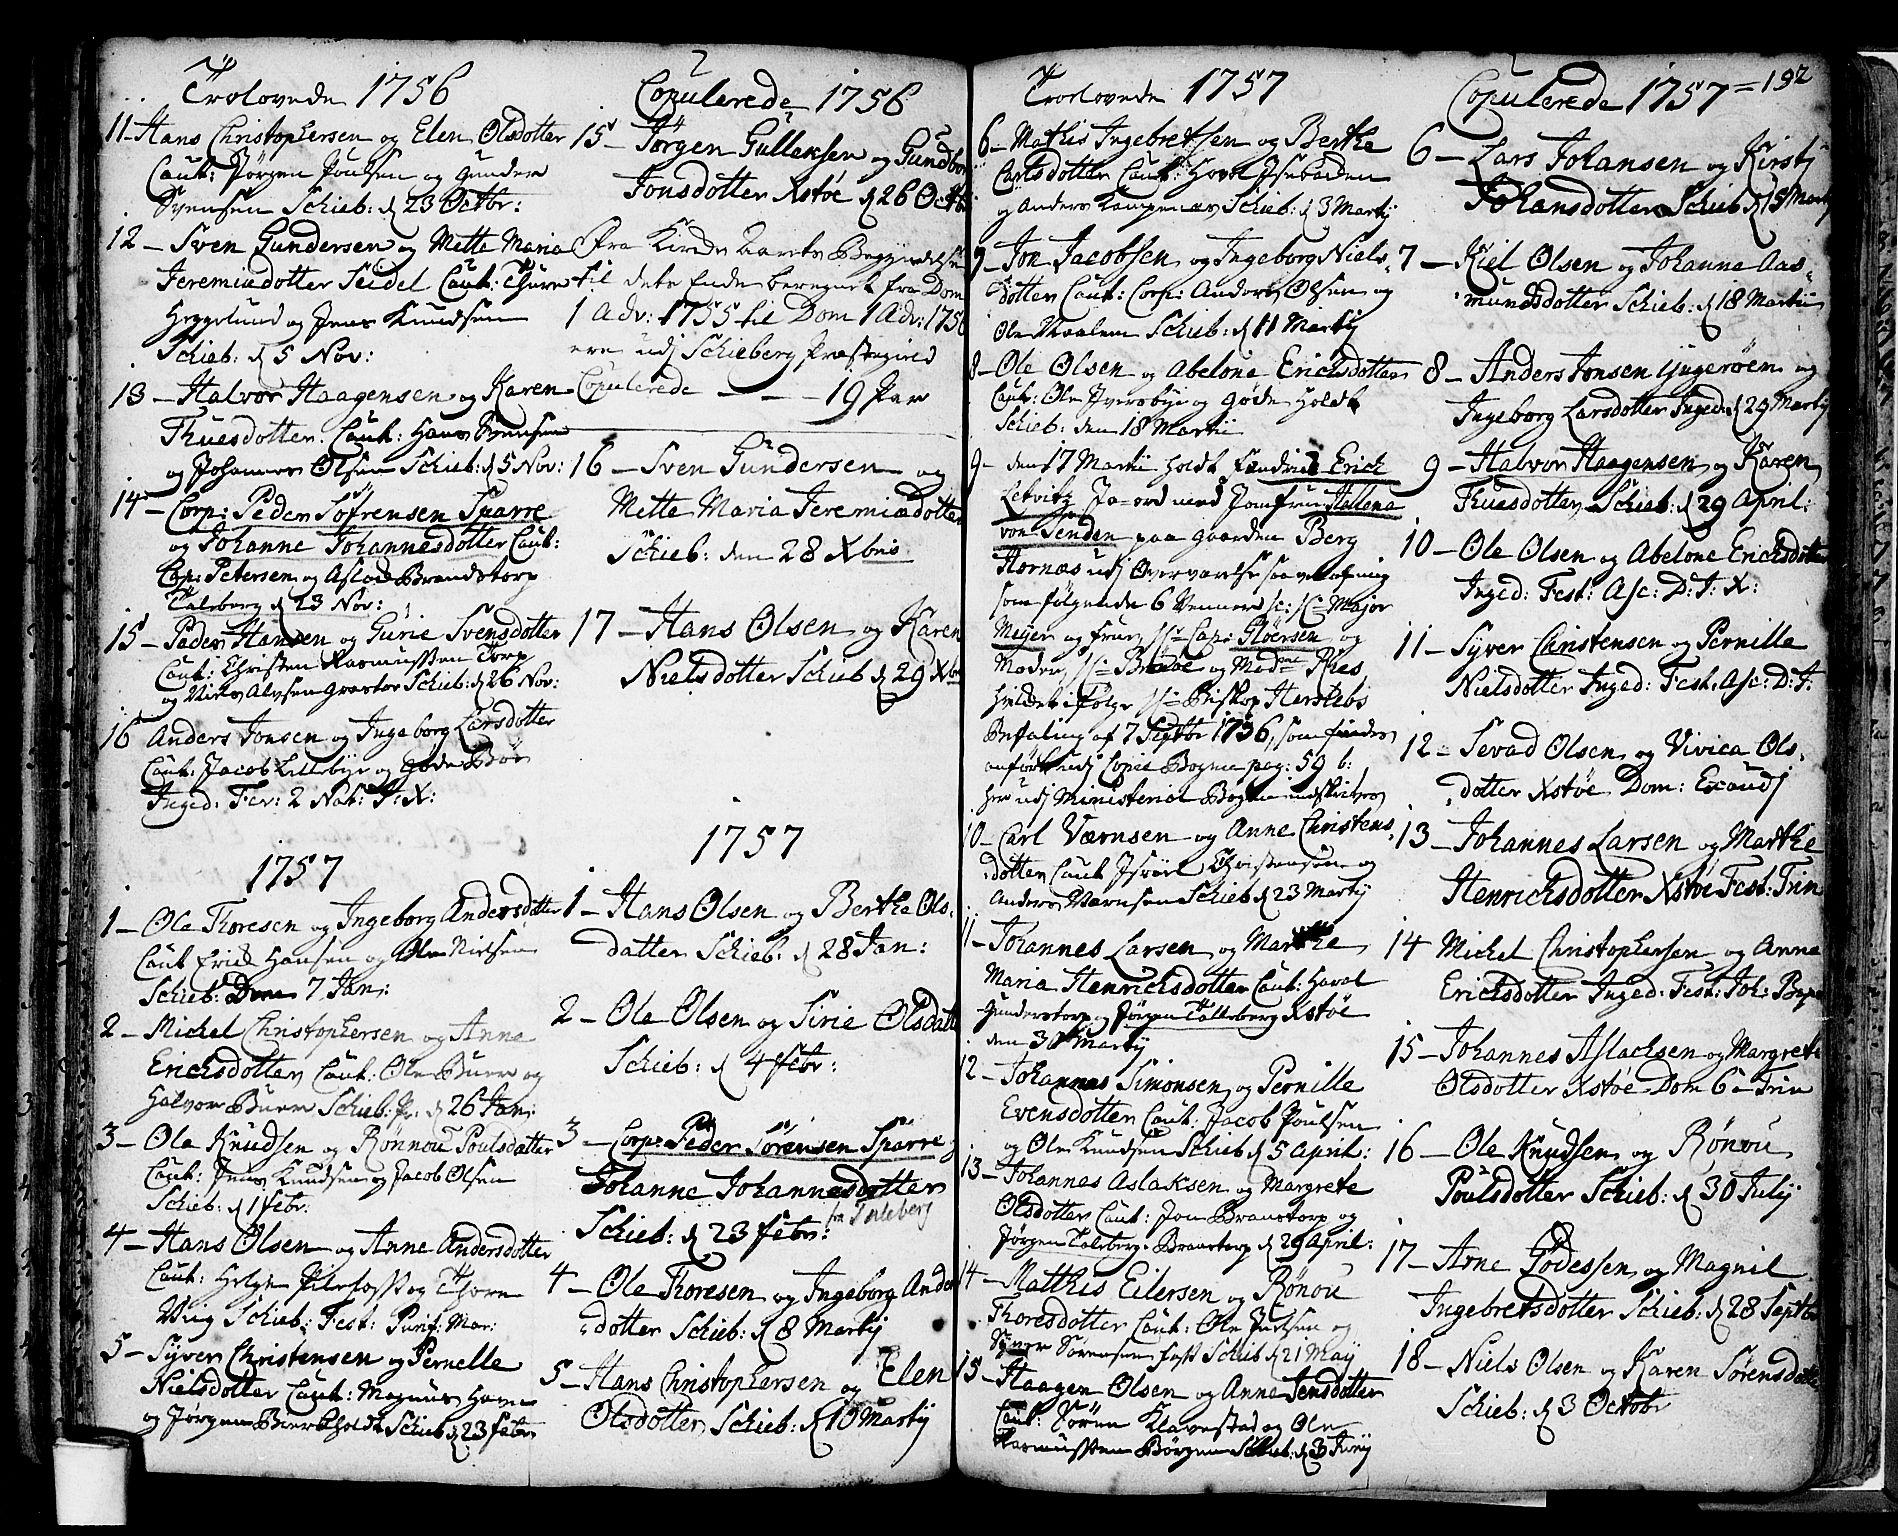 SAO, Skjeberg prestekontor Kirkebøker, F/Fa/L0002: Ministerialbok nr. I 2, 1726-1791, s. 192